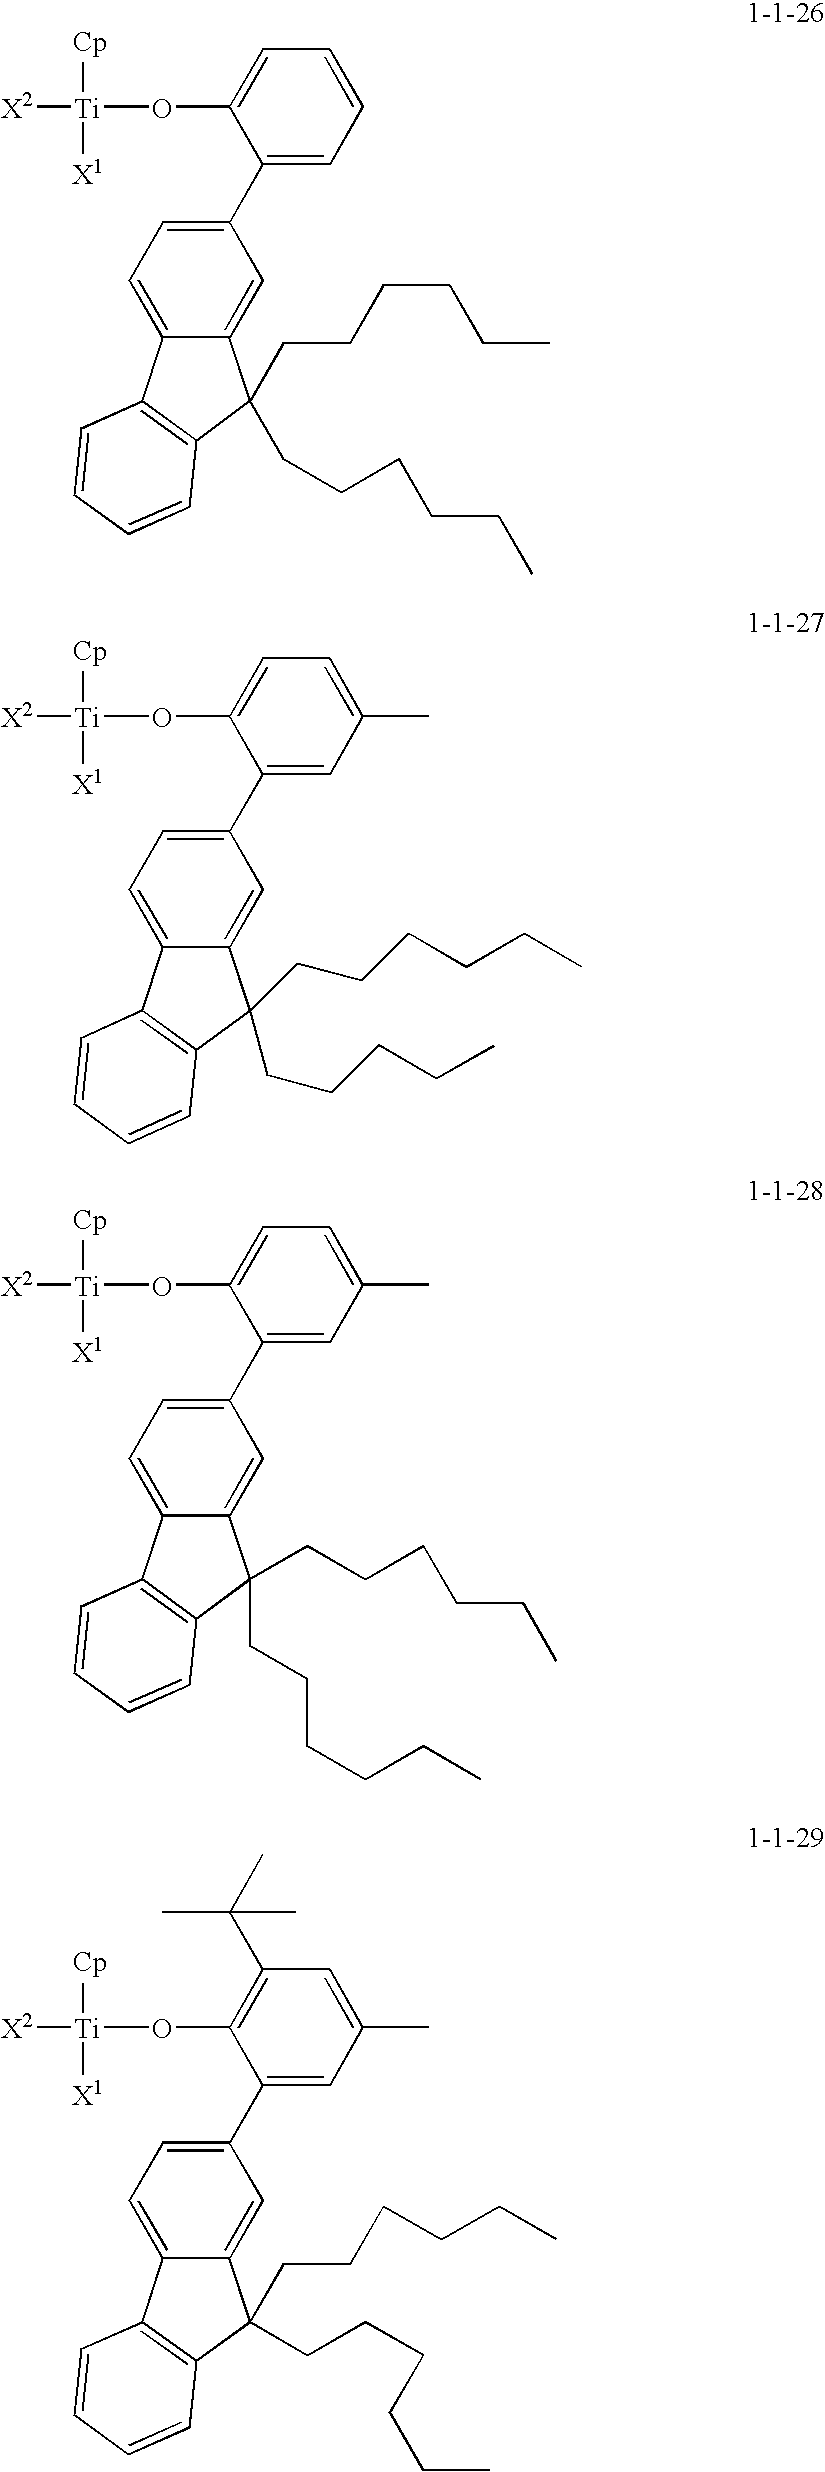 Figure US20100081776A1-20100401-C00054